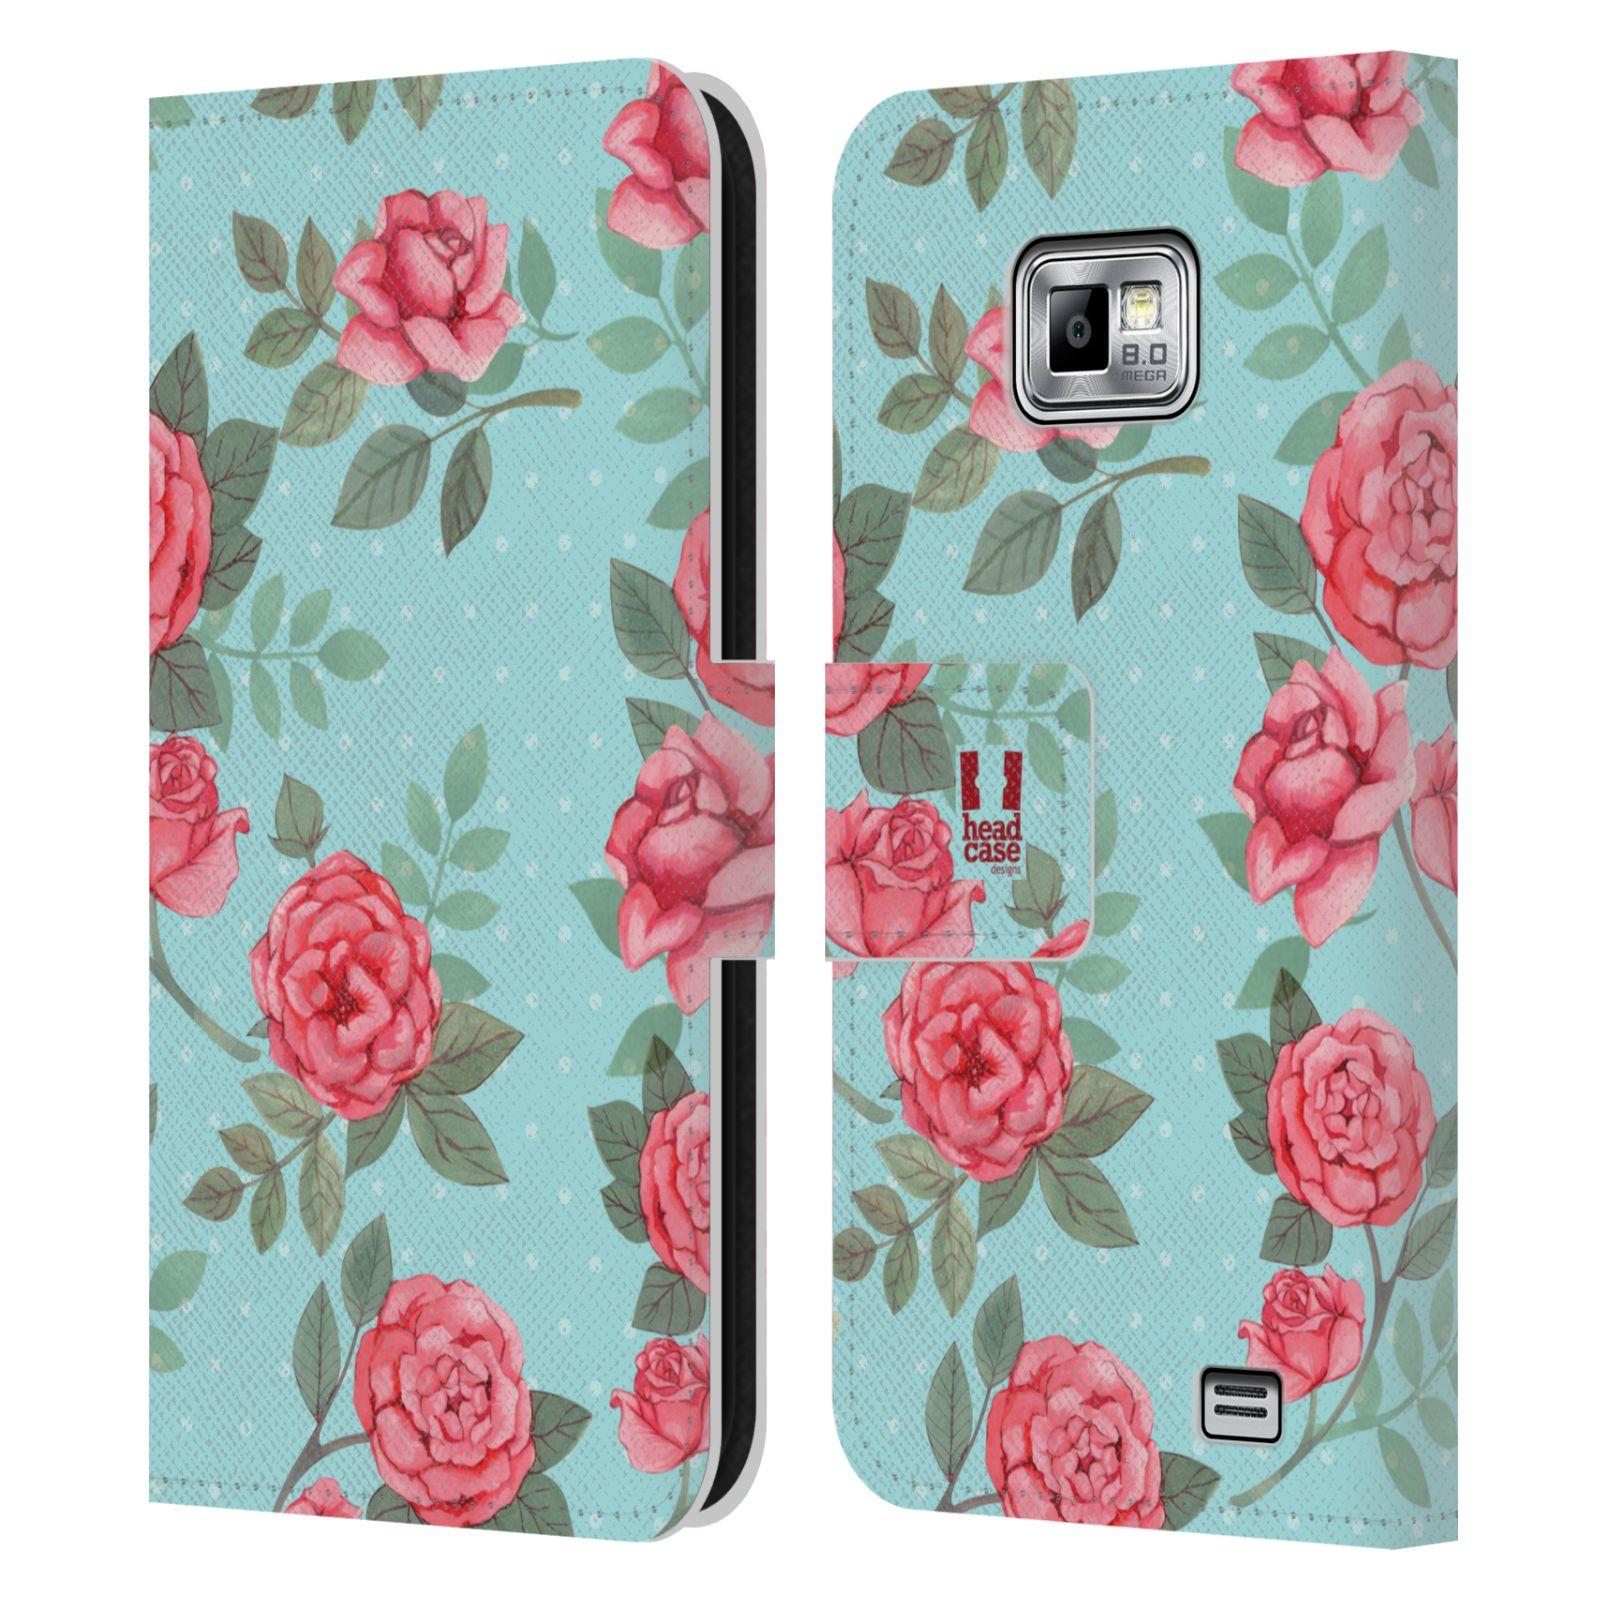 HEAD CASE Flipové pouzdro pro mobil Samsung Galaxy S2 i9100 romantické květy velké růže modrá a růžová